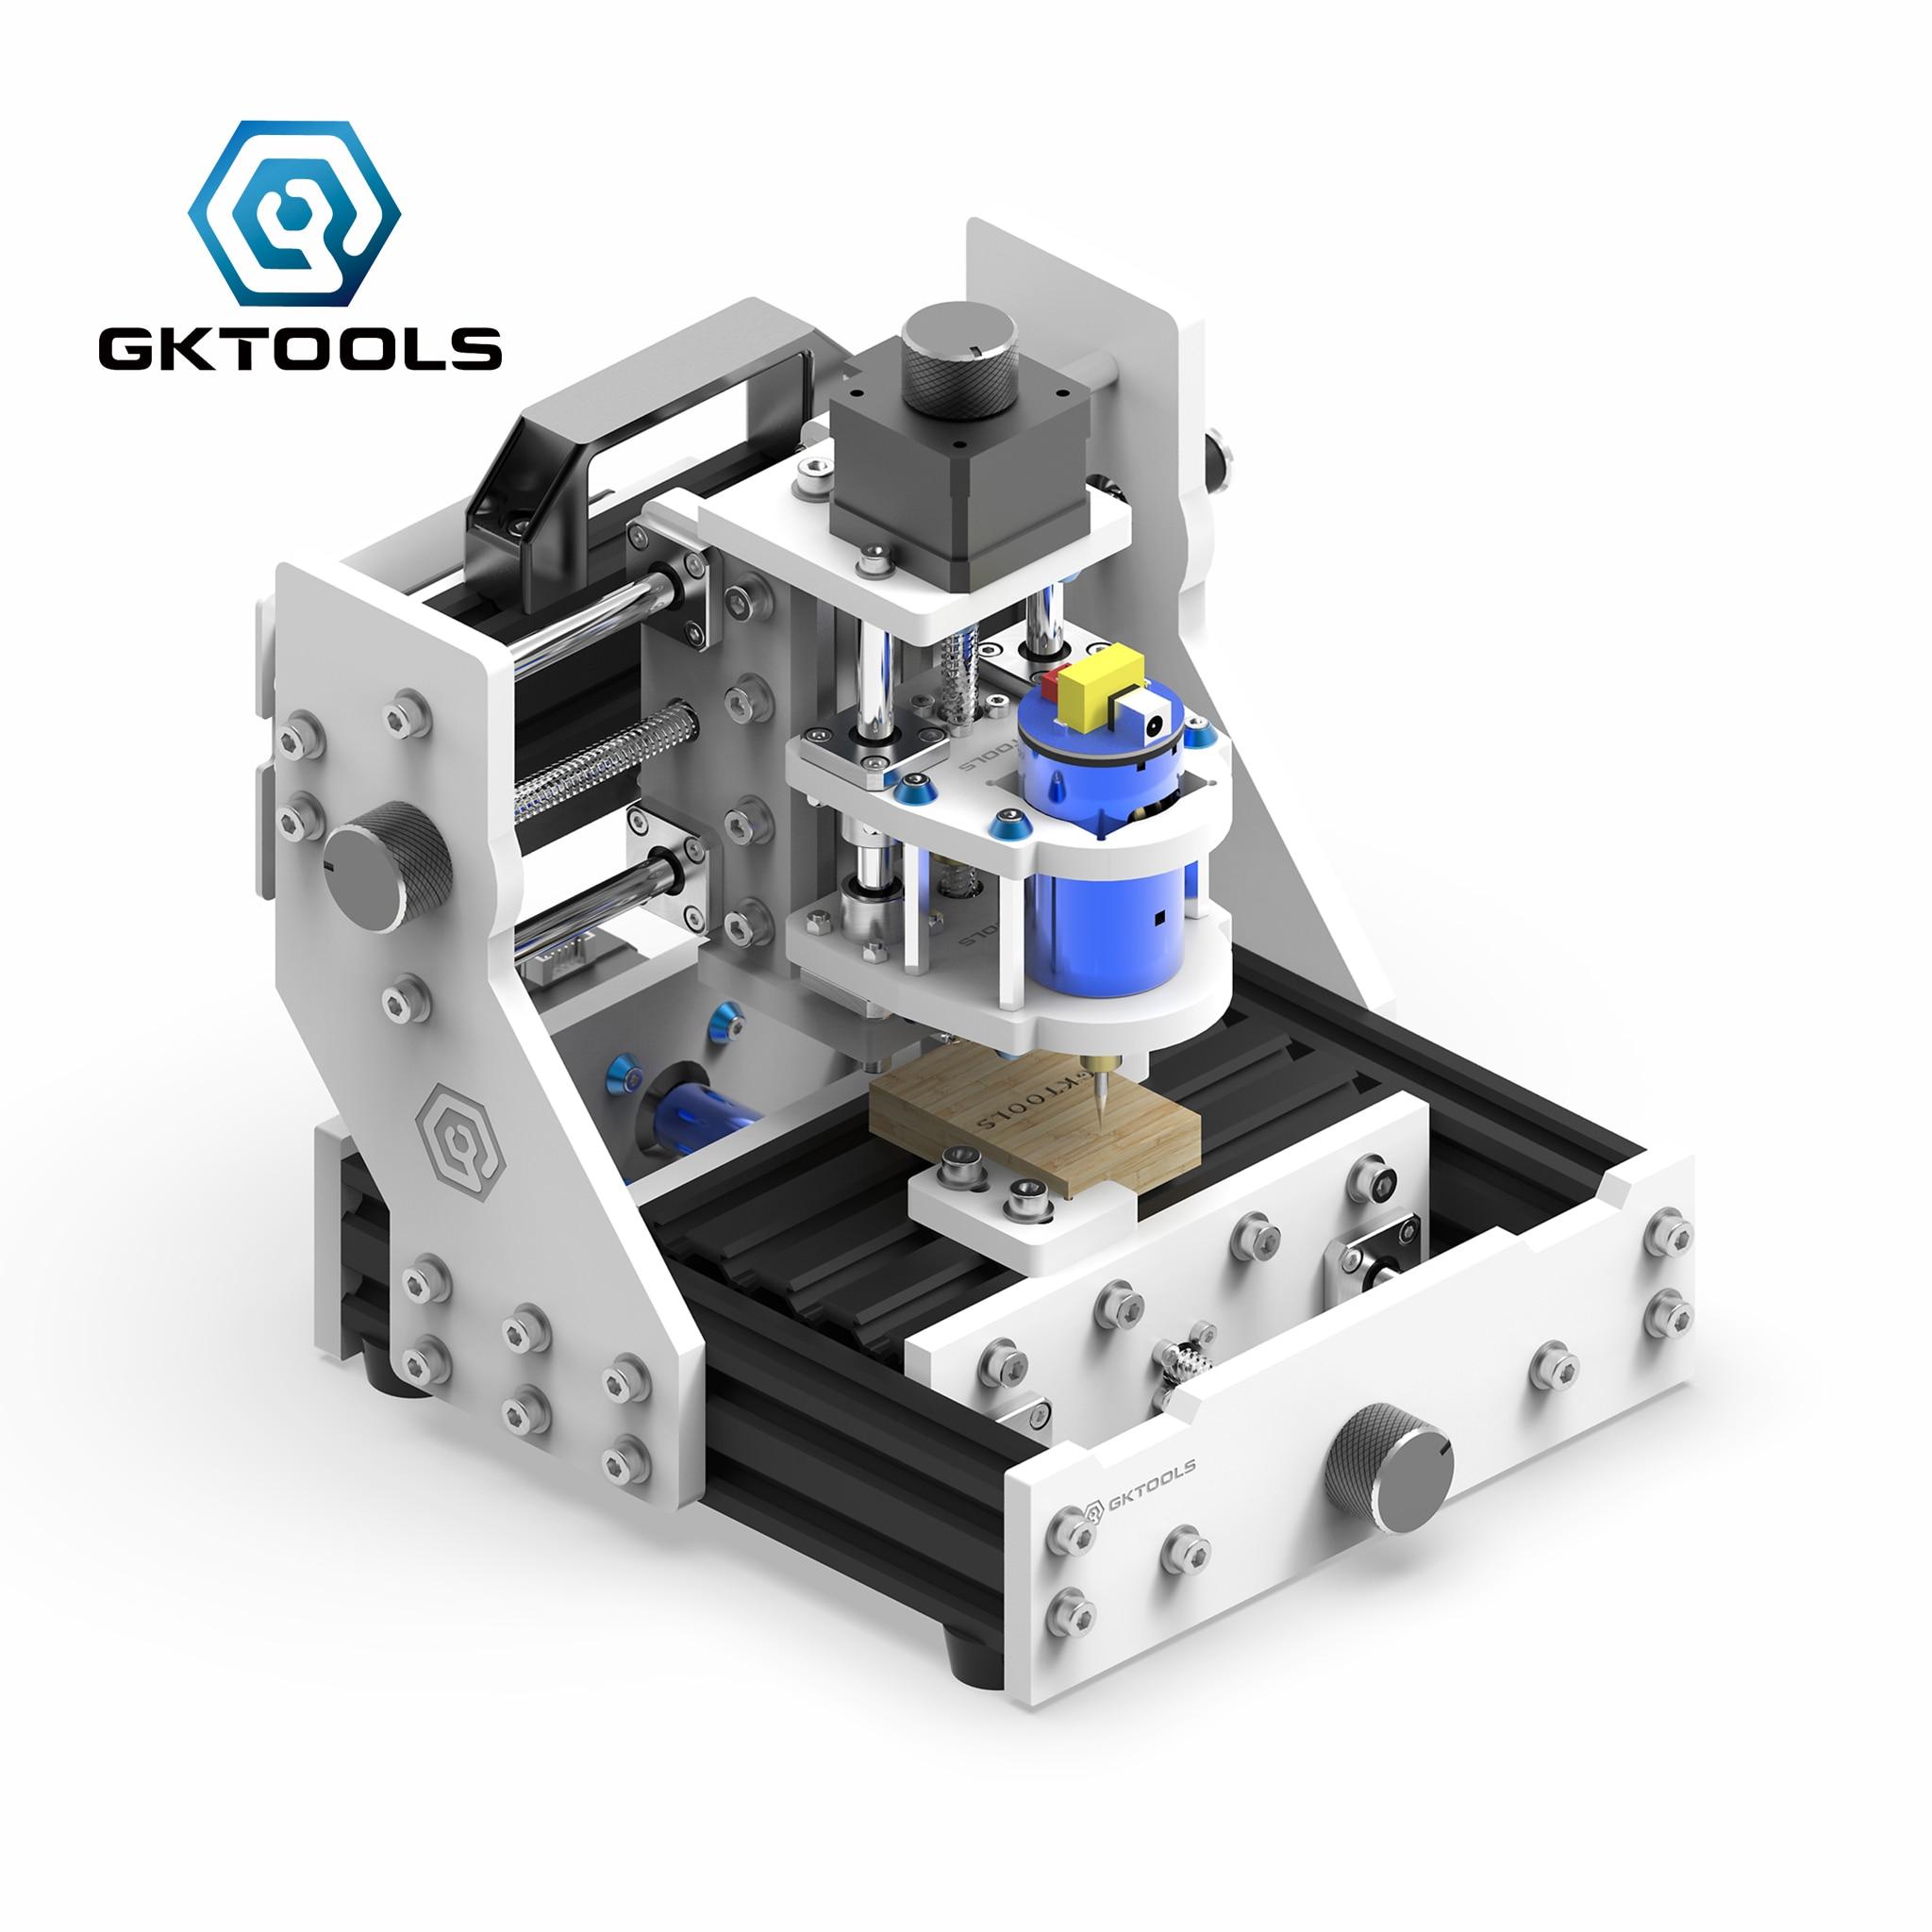 GKTOOLS livraison gratuite CNC de bureau 1309 bricolage GRBL passe-temps Mini gravure routeur sculpture sur bois graver PCB fraise fraise Machine